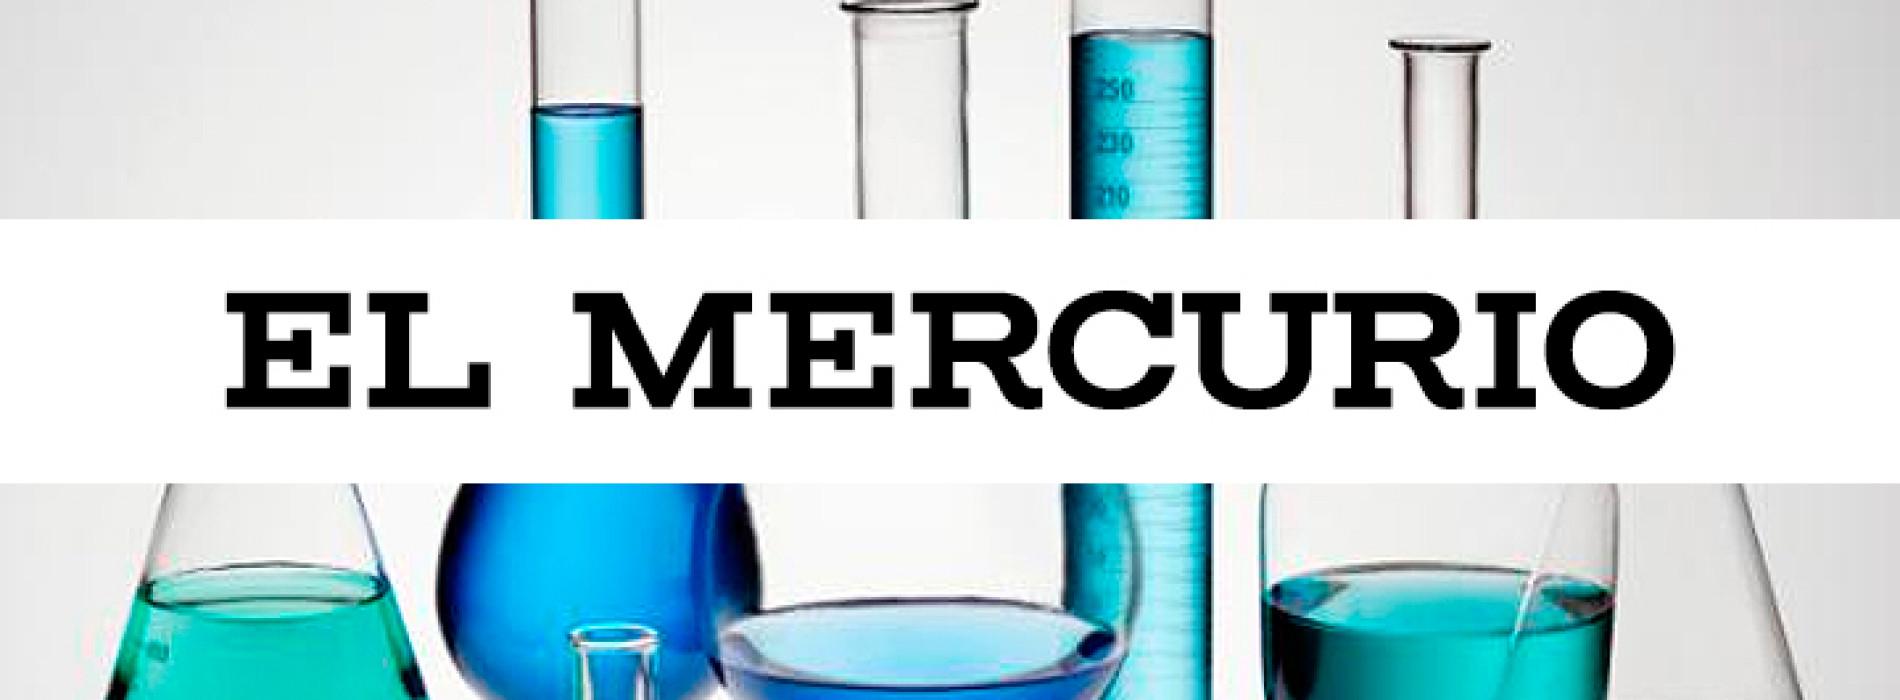 Luchar por la ciencia. El Mercurio 27-3-16